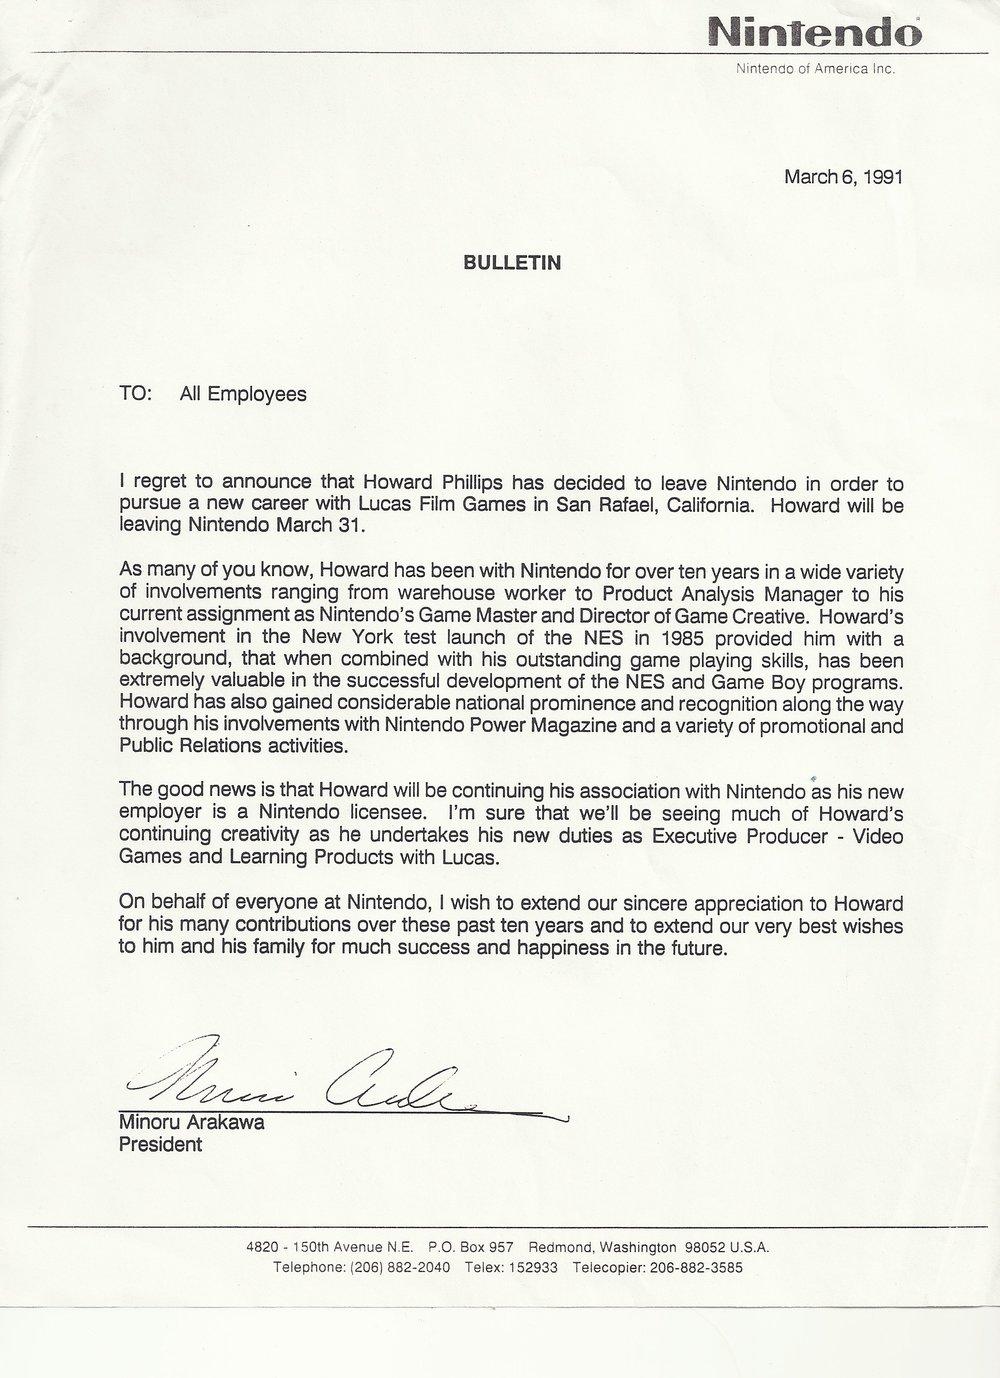 Howard Phillips Exit Letter.JPG